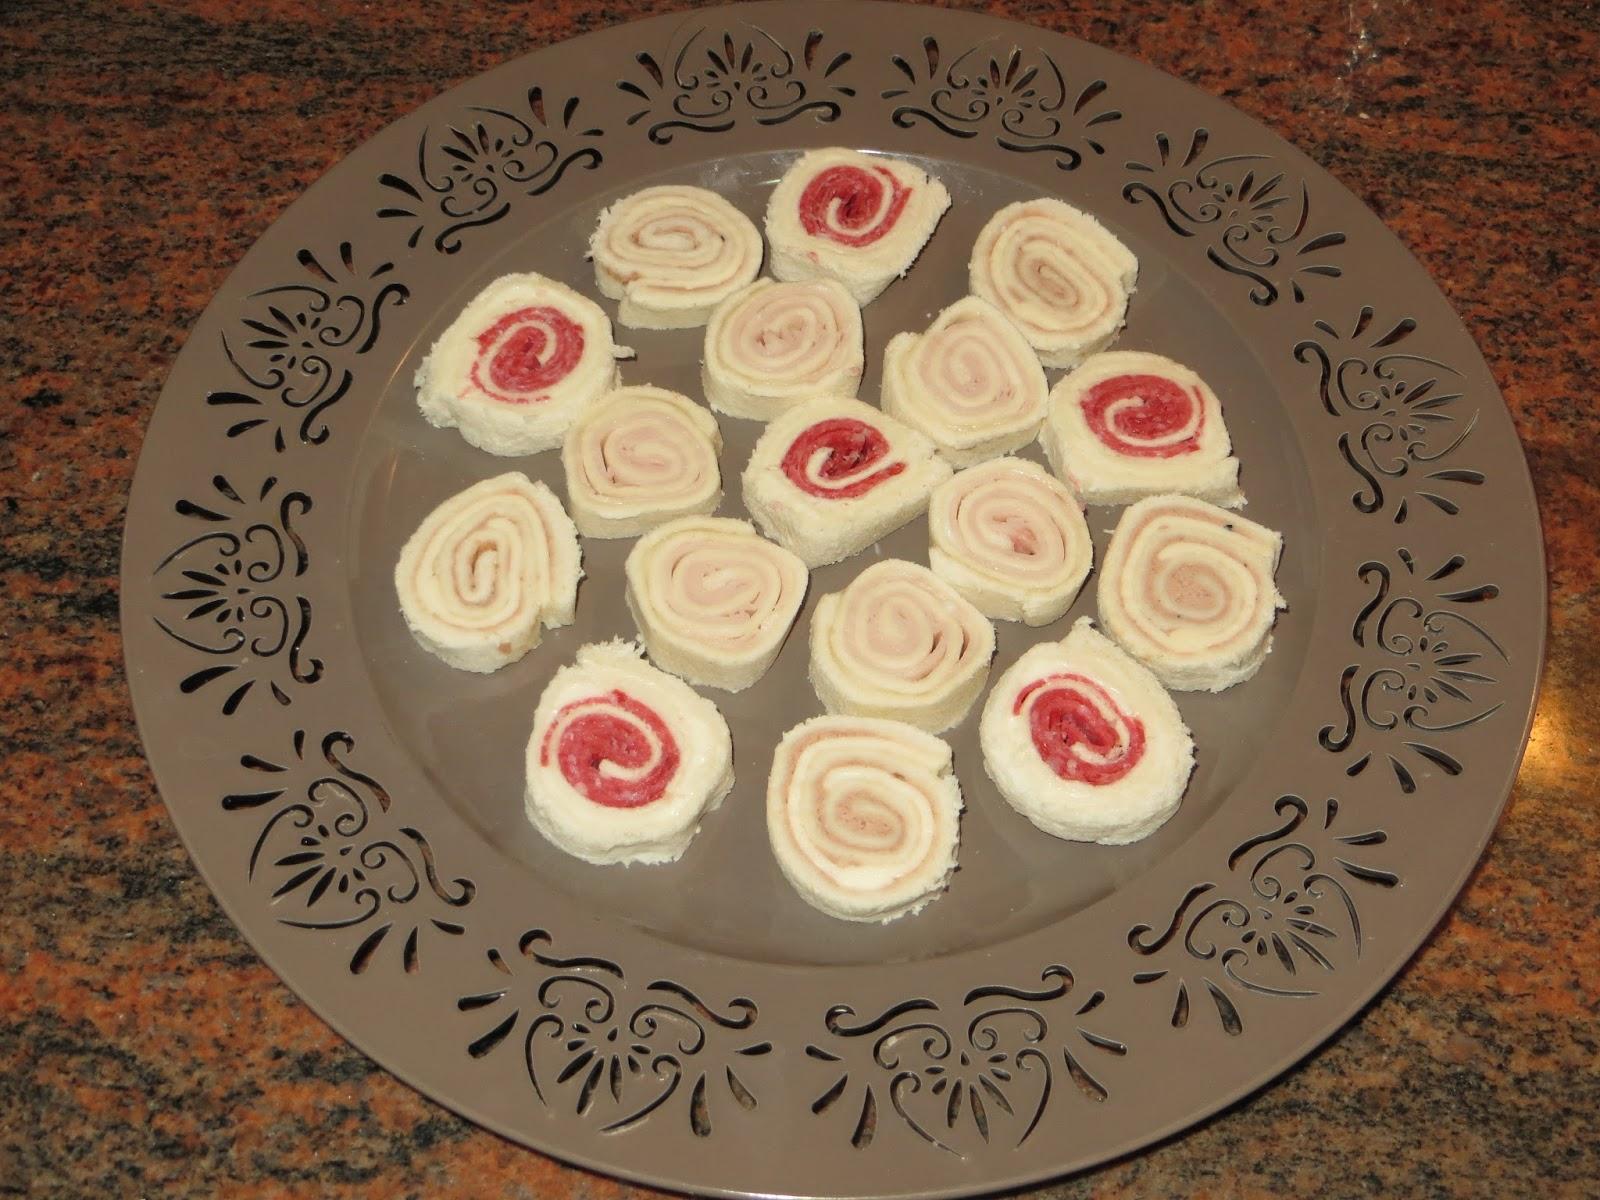 La cuchara en la maleta canap s de pan de s ndwich for Canapes faciles y economicos